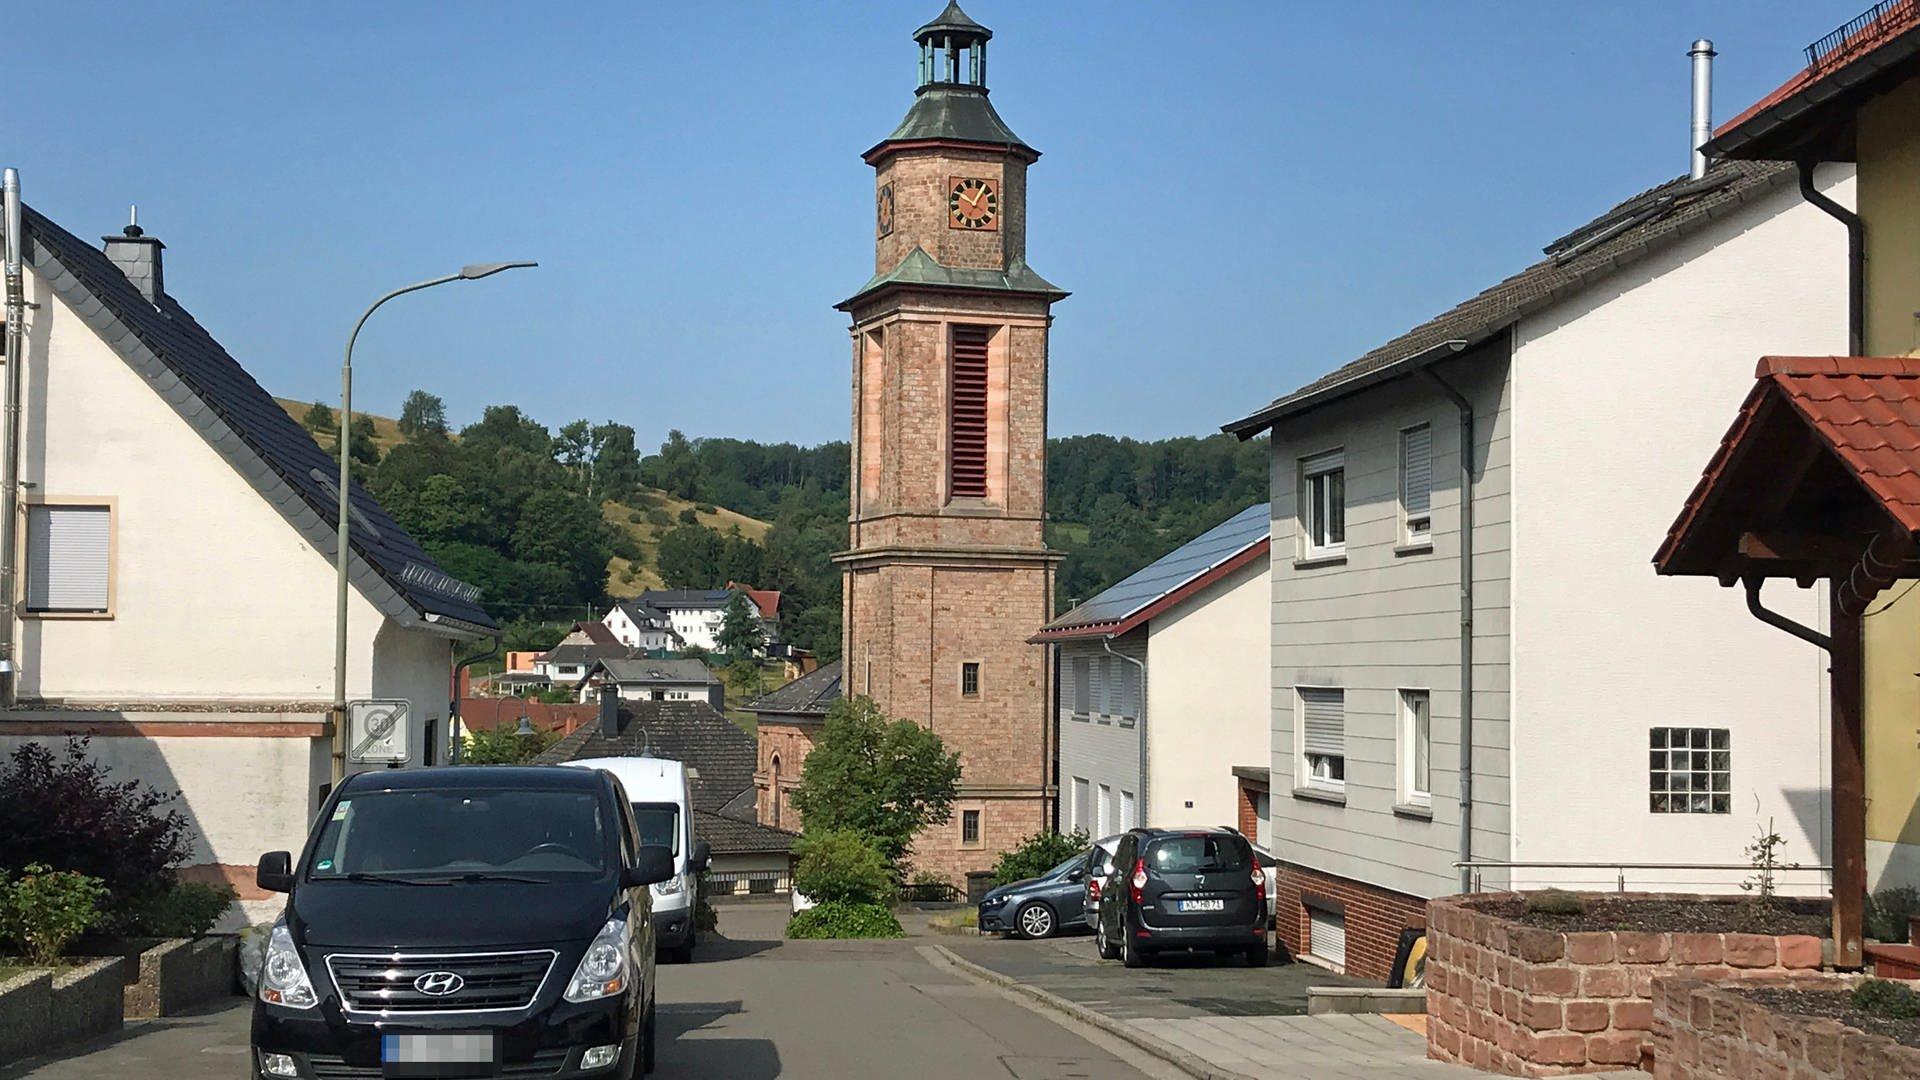 Sandsteinkirche mit Glockenturm am Ende einer Dorfstraße